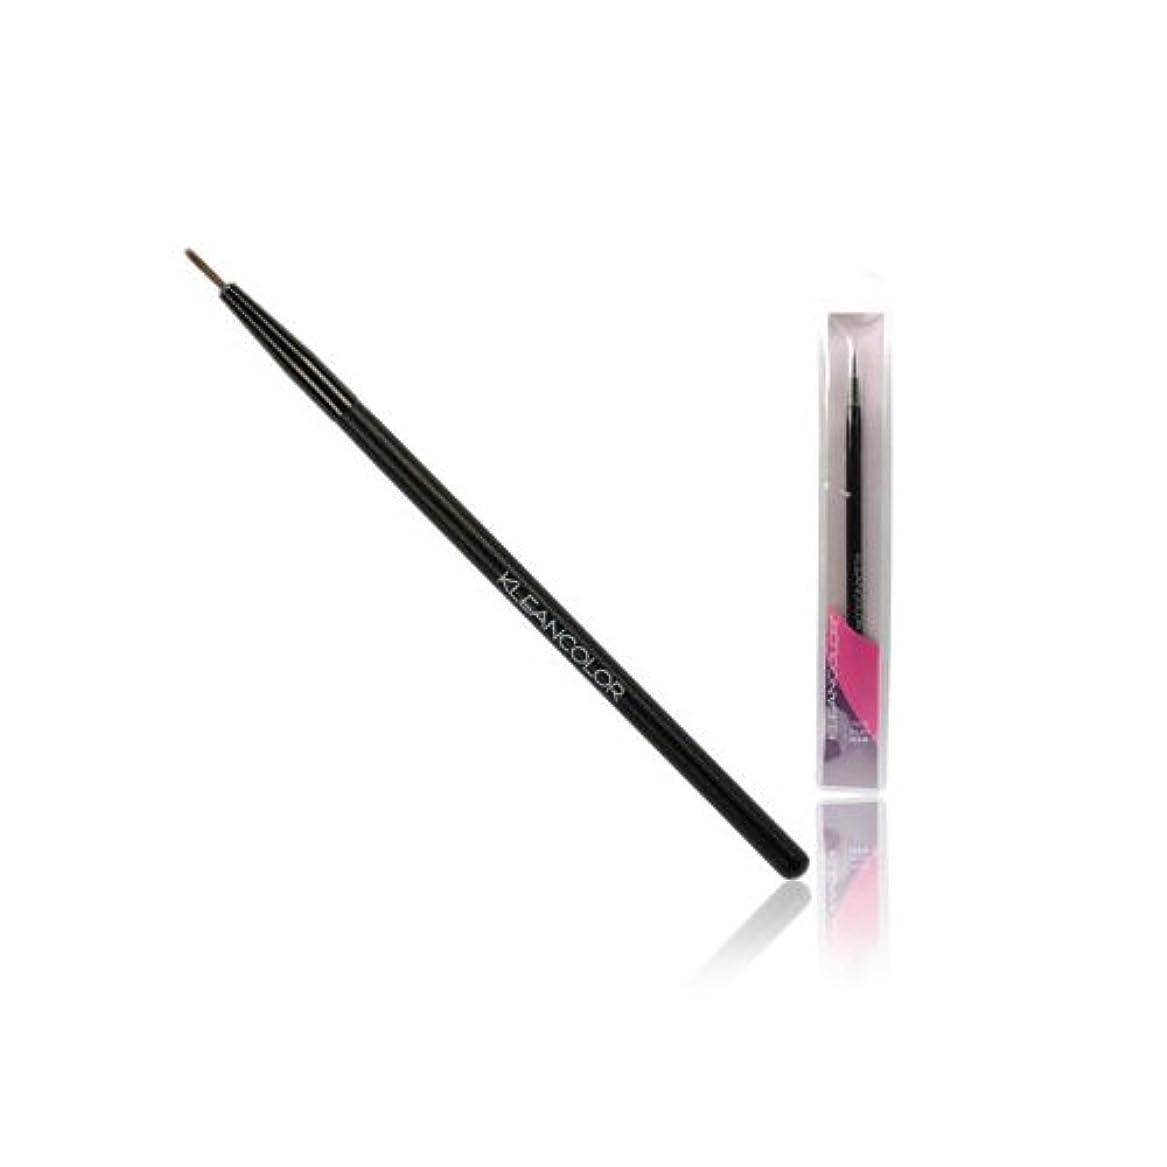 排泄物航海の転送(6 Pack) KLEANCOLOR Precise Eyeliner Brush (並行輸入品)